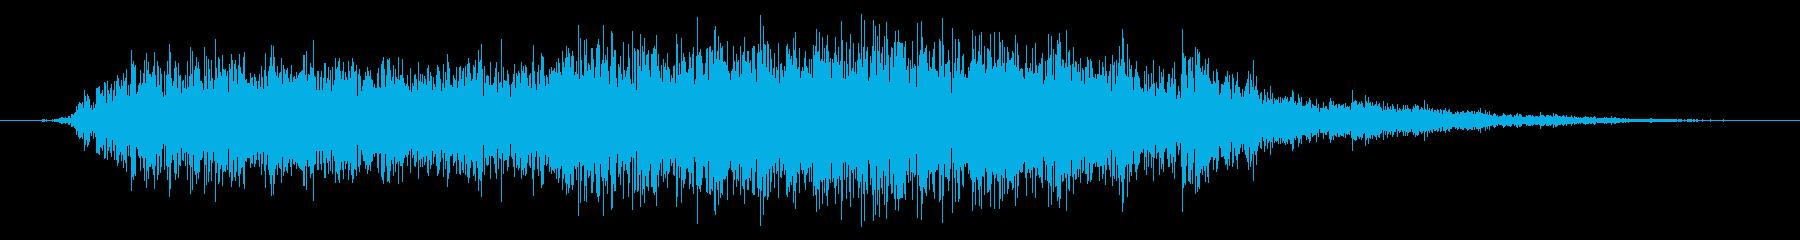 スパッタリングスライシングフーシ7の再生済みの波形